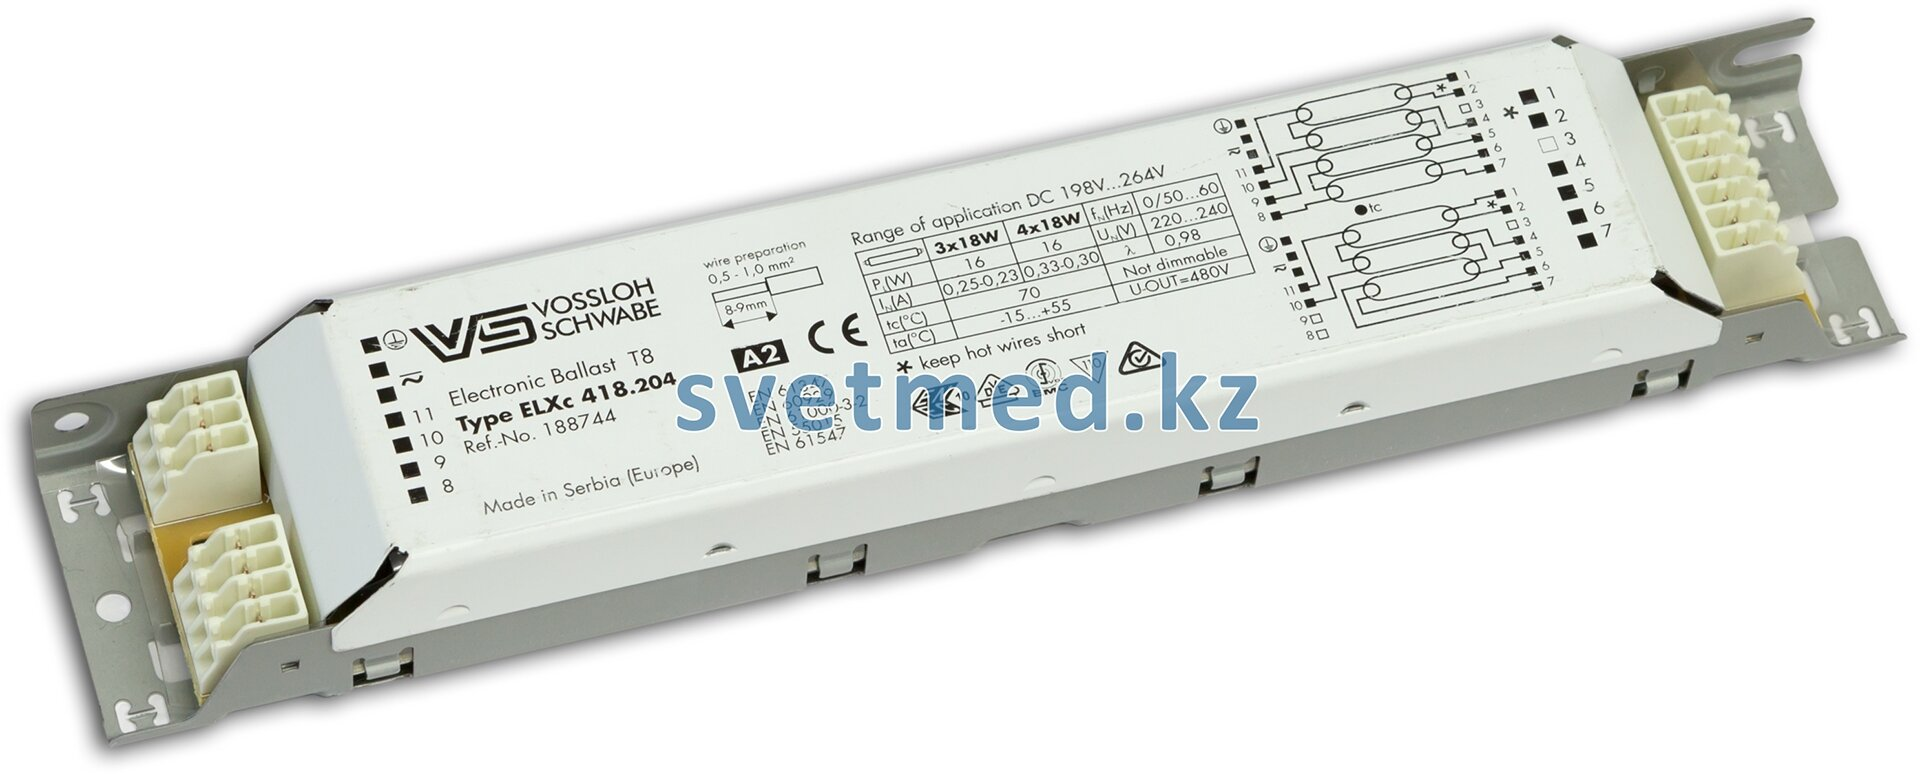 Электронный балласт Vossloh-Schwabe ELXс 418.204